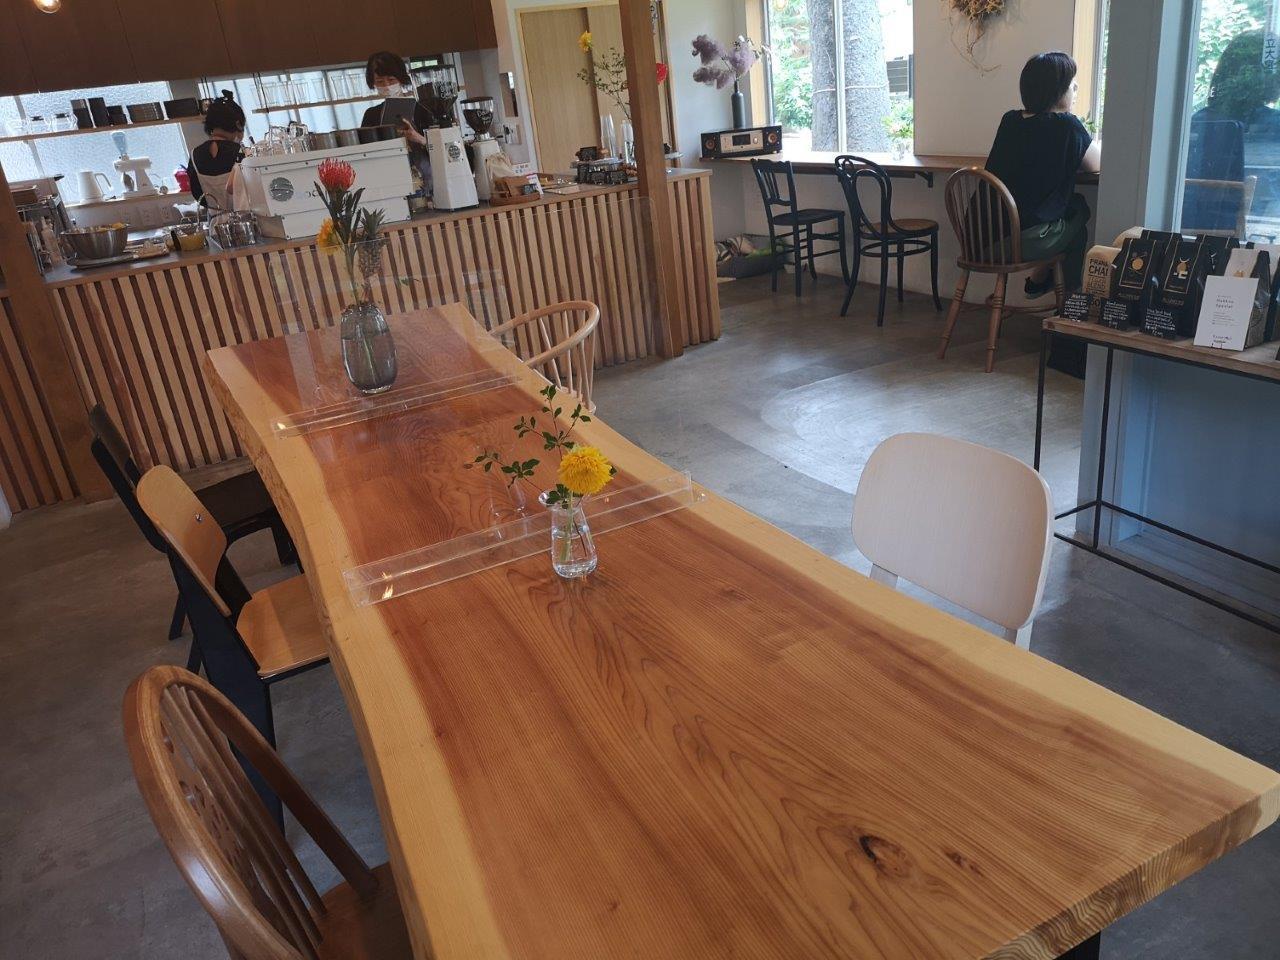 木のテーブルに緑や花